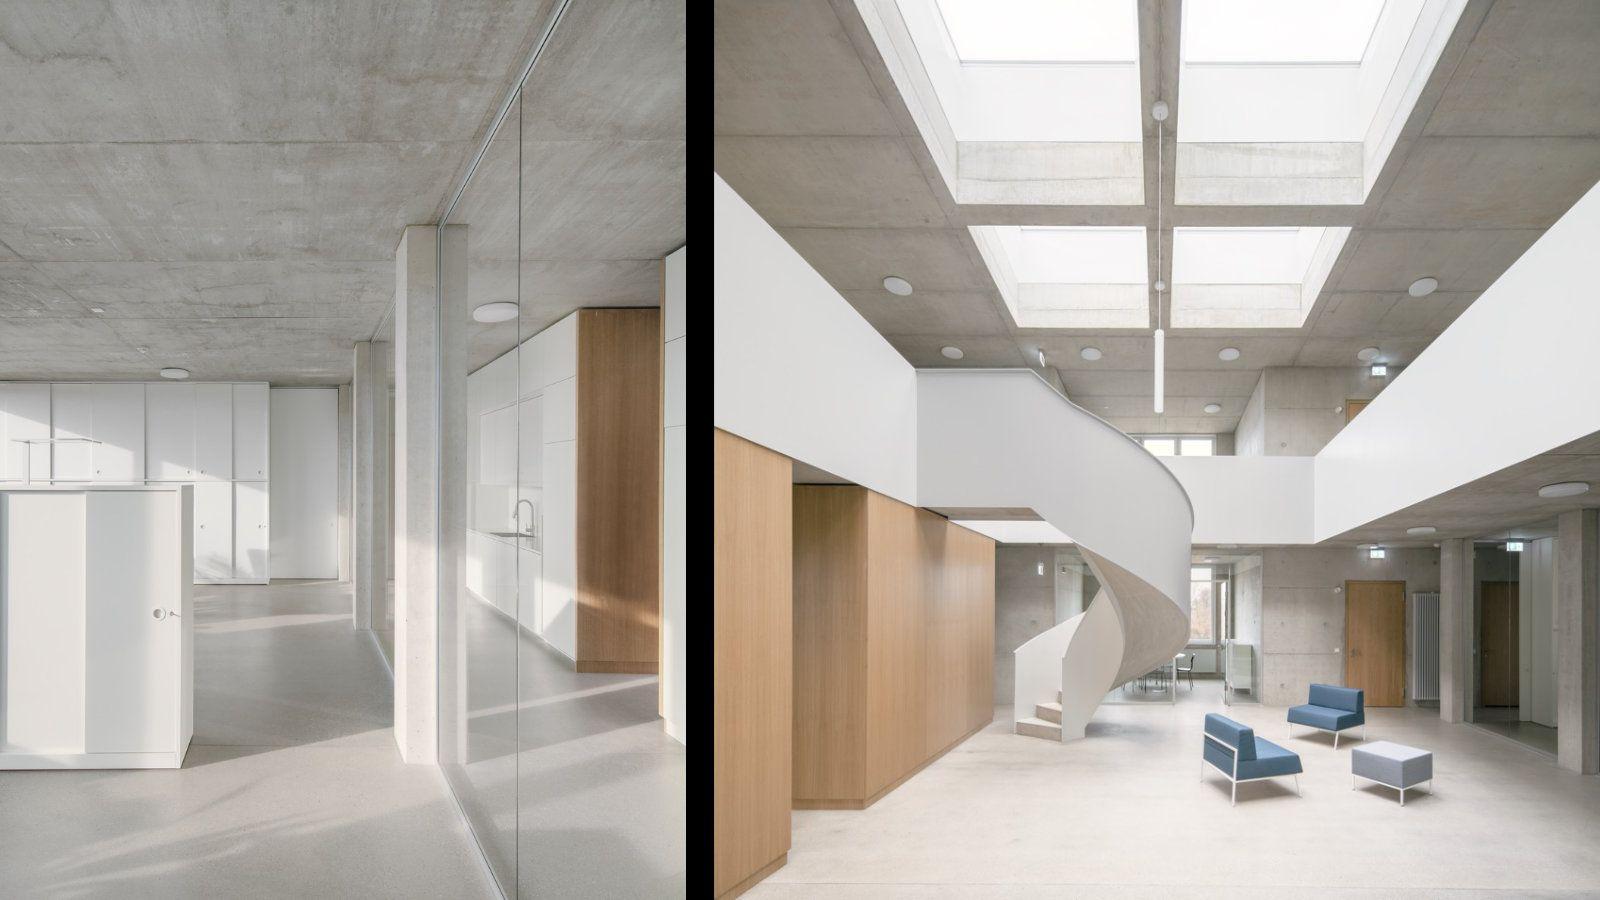 Weiße Treppe mit Oberlichtern und Sichtbeton-Oberfläche von Jan Wiese